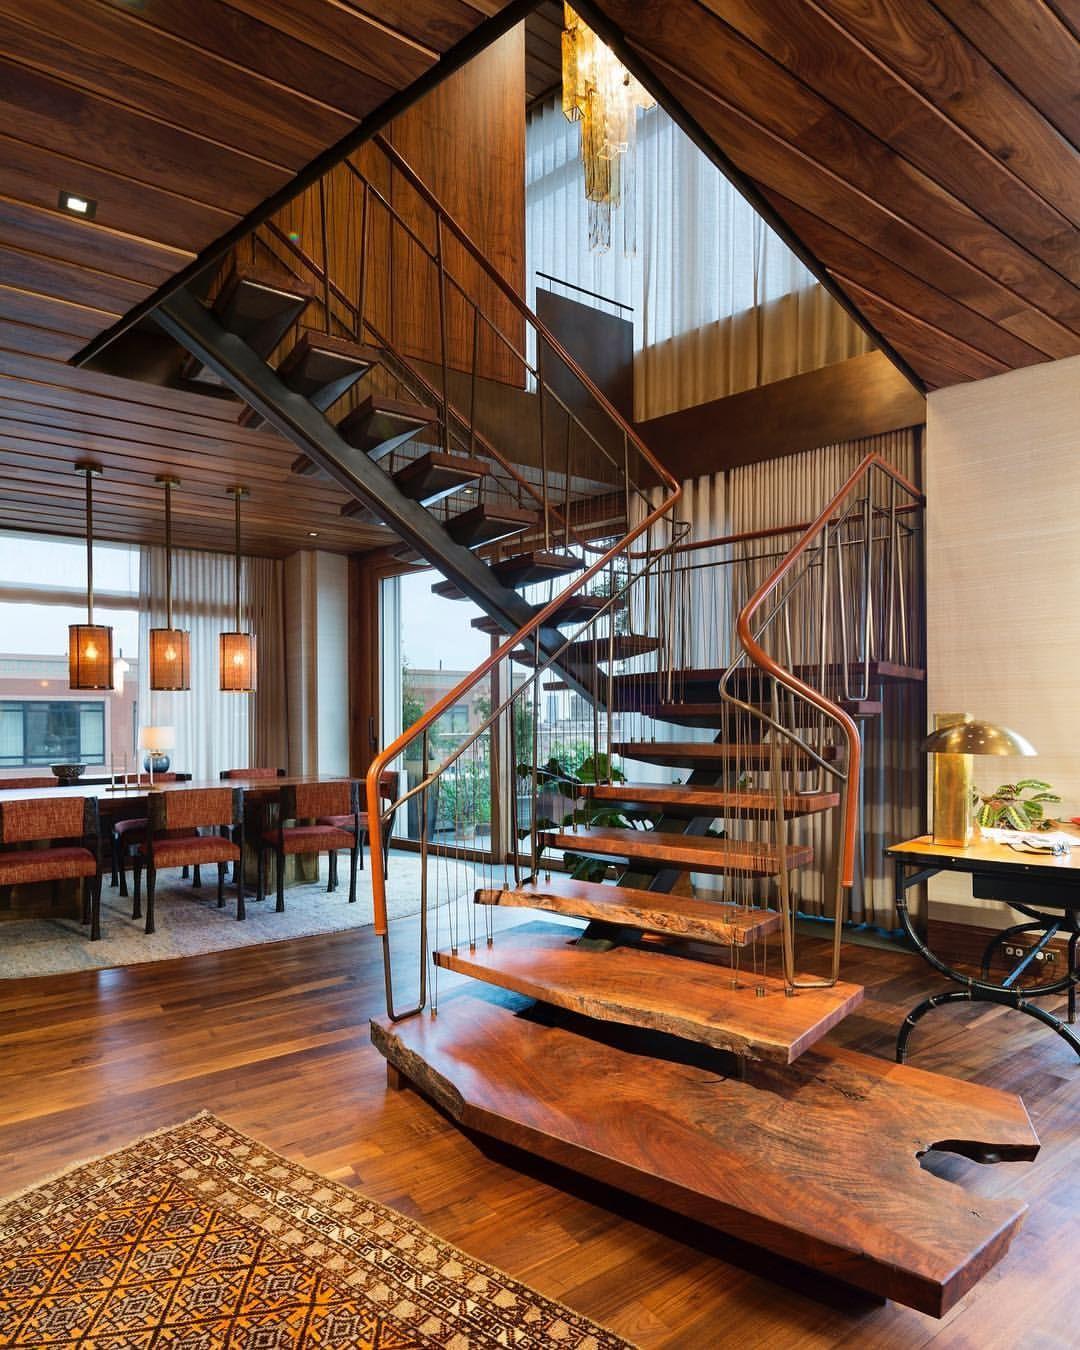 Innenarchitektur Industriellen Stil Karakoy Loft: Haus